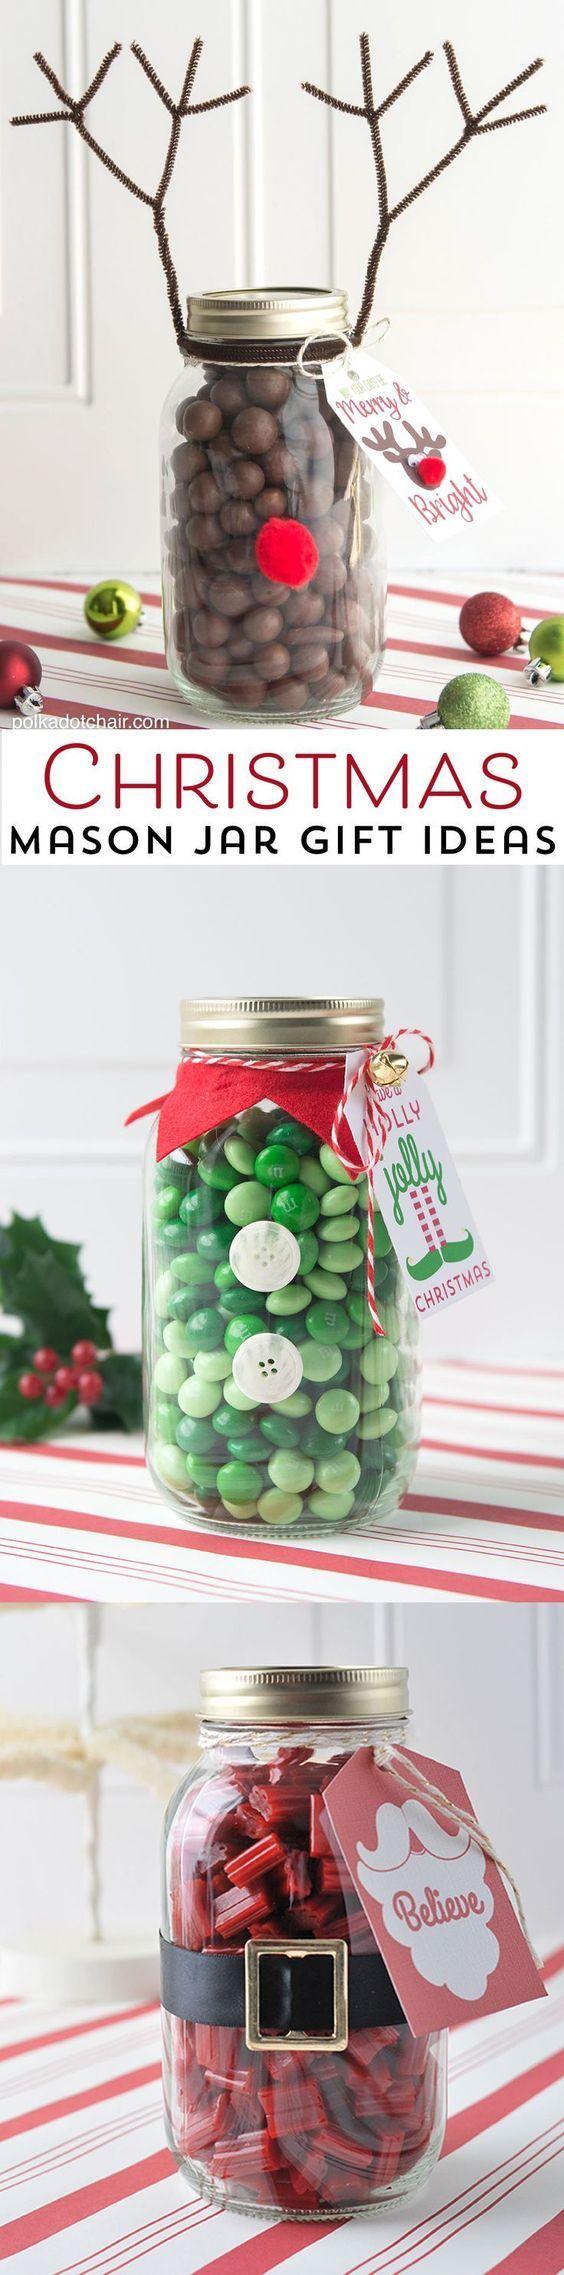 一个可爱而简单的圣诞礼物想法,一个驯鹿圣诞梅森罐子礼物,这个圣诞节给它的邻居,包括可打印的标签